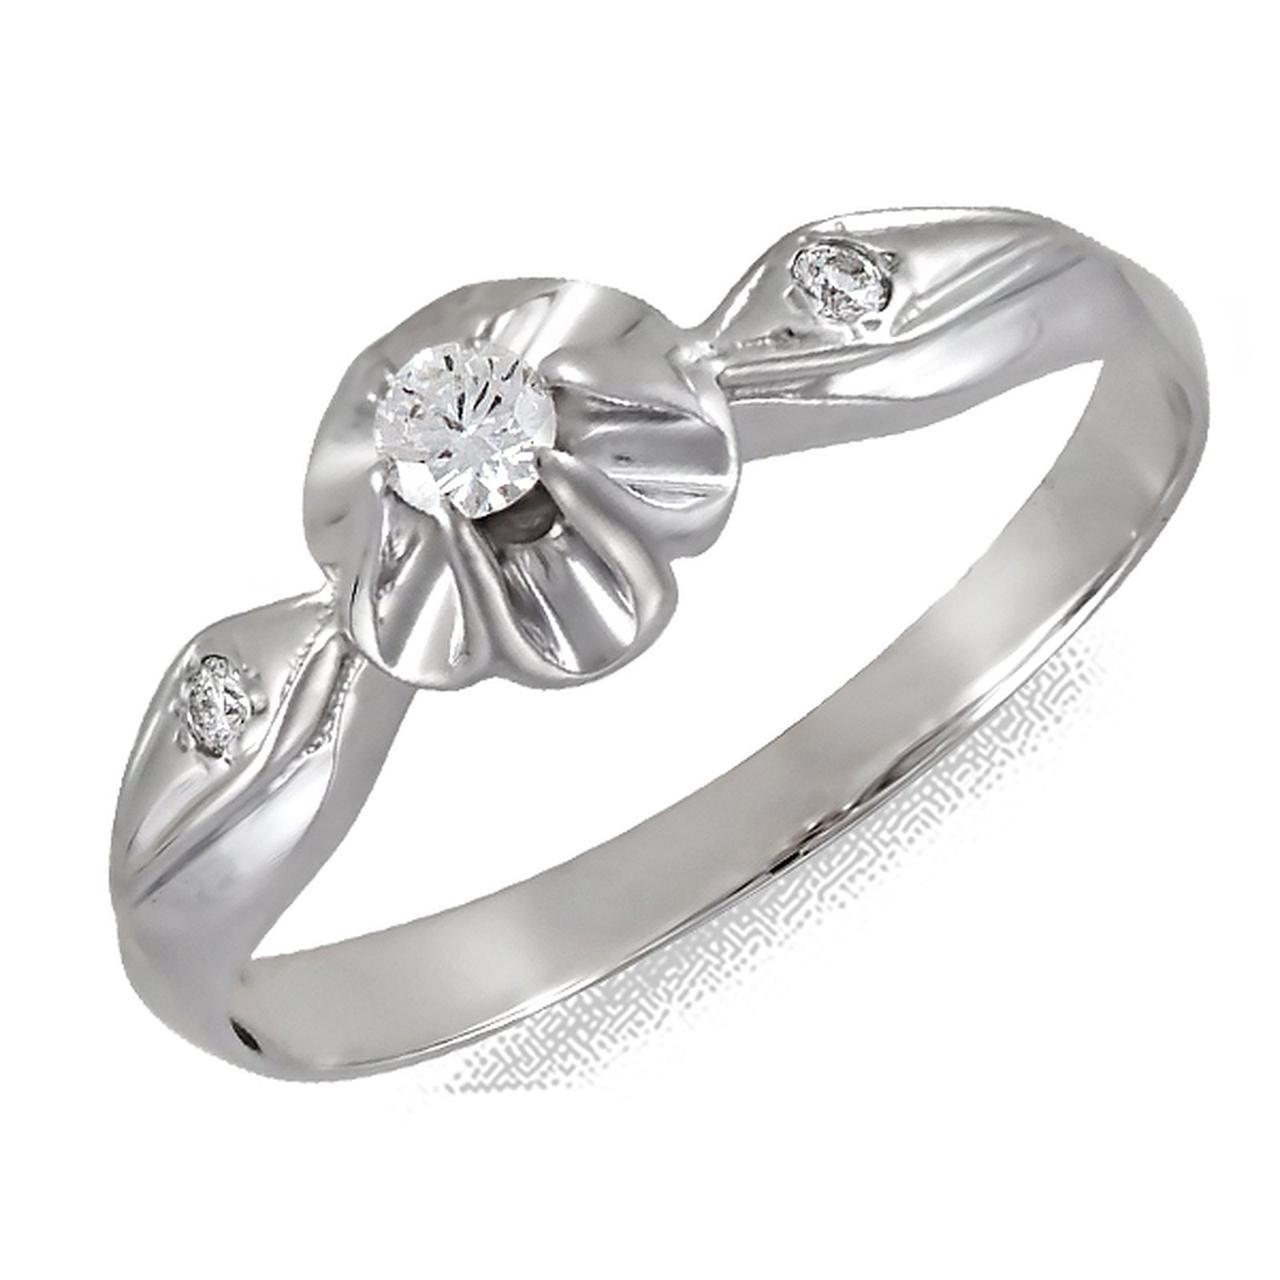 Золотое кольцо с бриллиантами, размер 17 (126819)